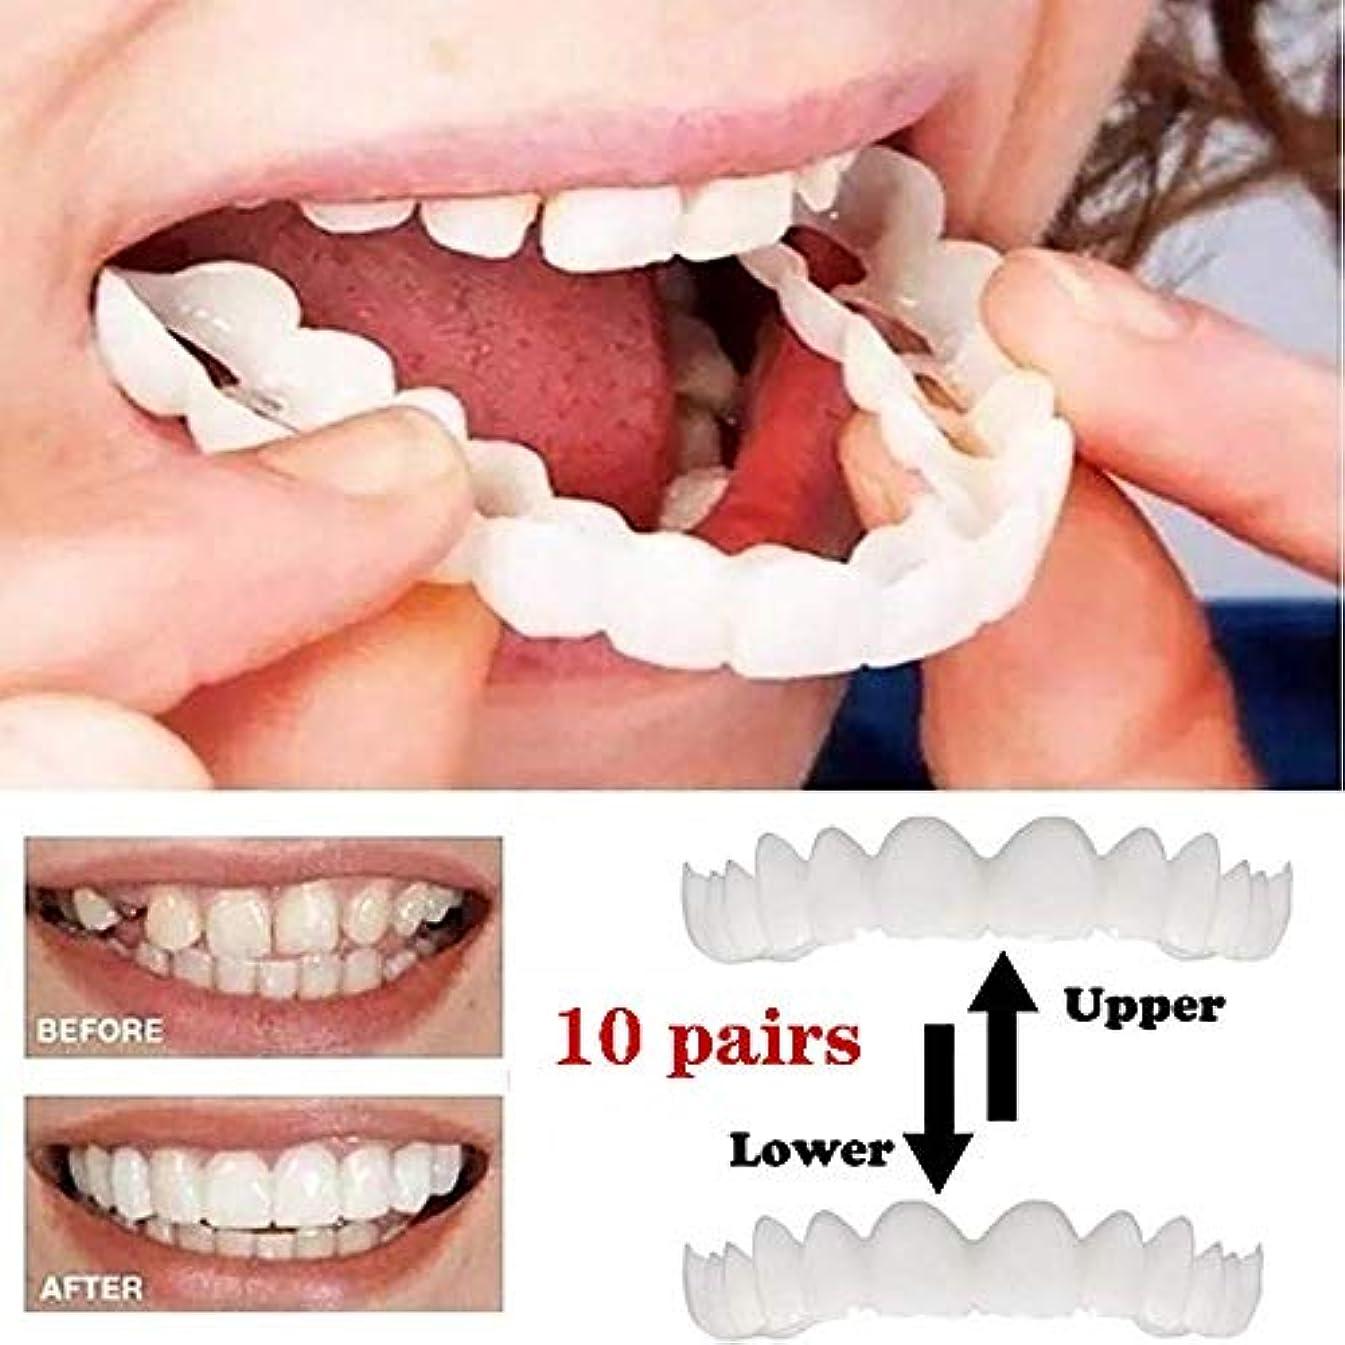 オーケストラ排出アコード最新の突き板の歯、化粧用歯20個 - 一時的な笑顔の快適フィットフレックス化粧品の歯、ワンサイズは最もフィット、快適な上の歯のベニヤと下のベニヤ - 歯のベニヤ(下+上)